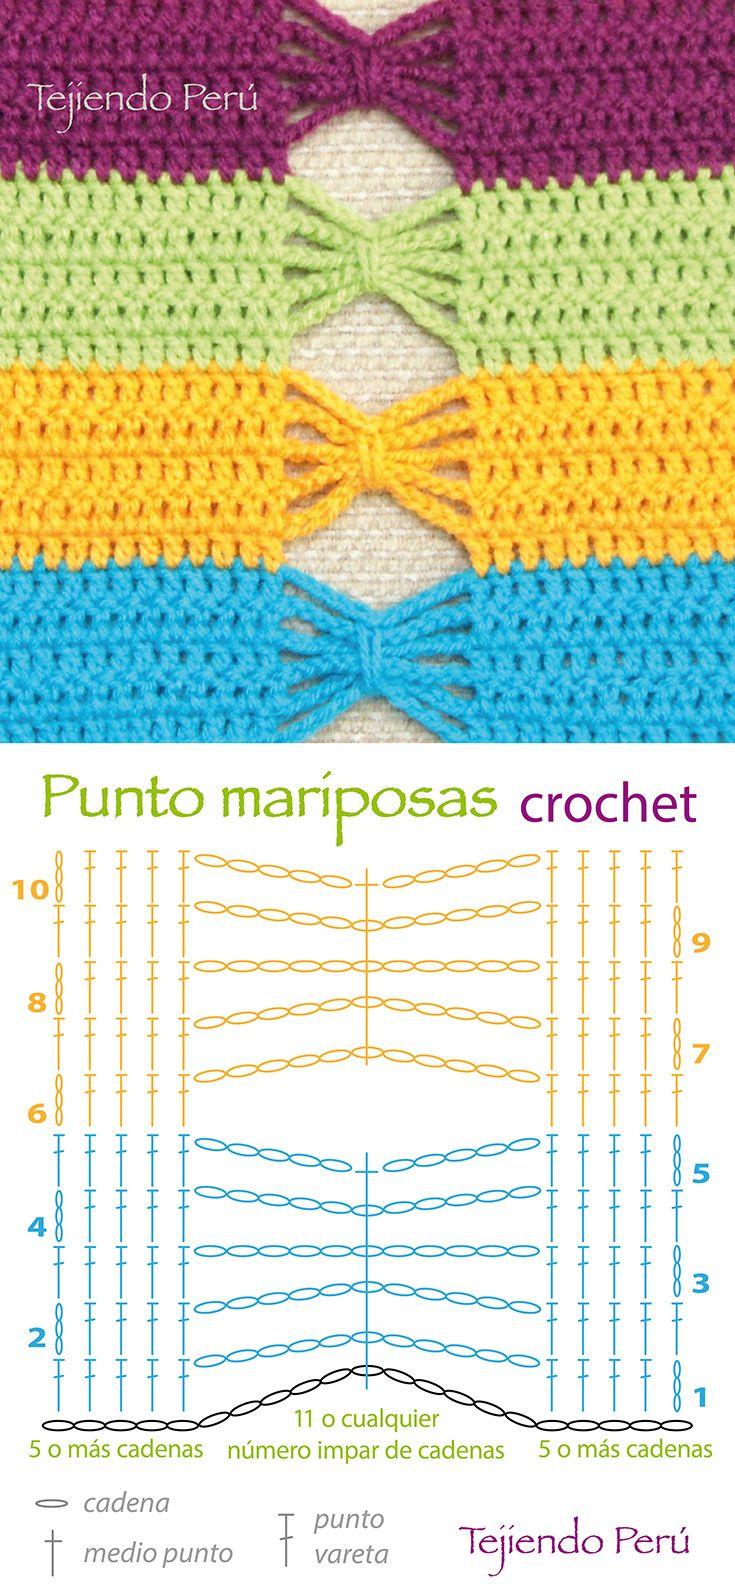 Crochet: punto mariposas! Diagrama o patrón... pueden variar el ...